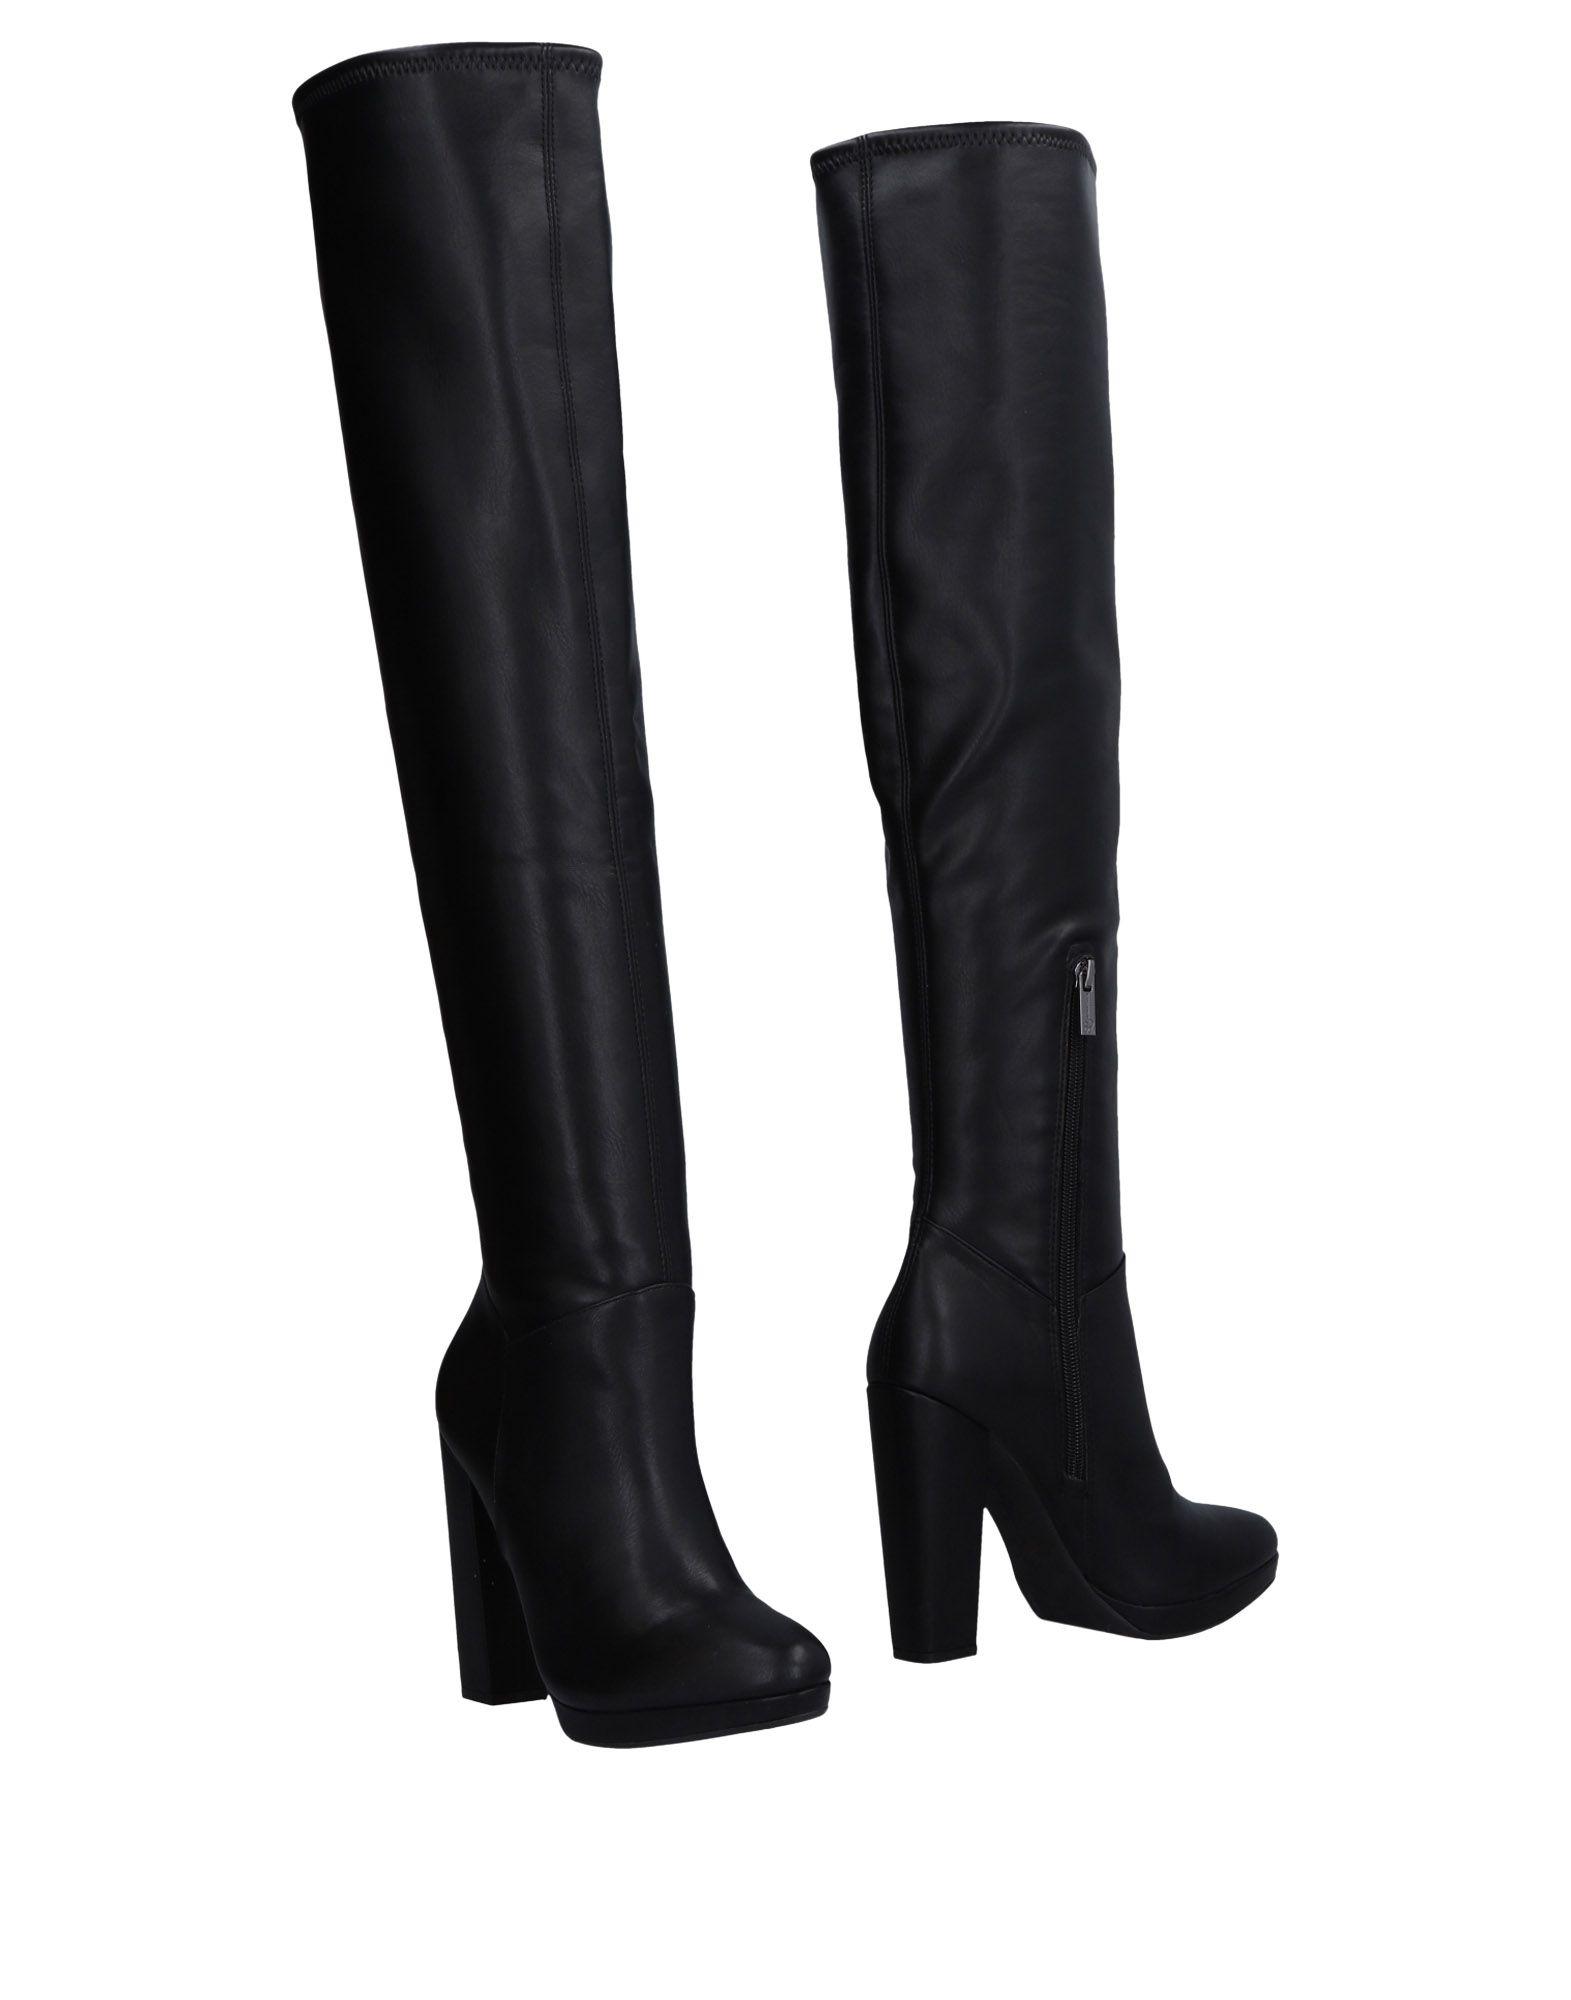 Jessica Simpson Stiefel Damen  11480007NC Gute Qualität beliebte Schuhe